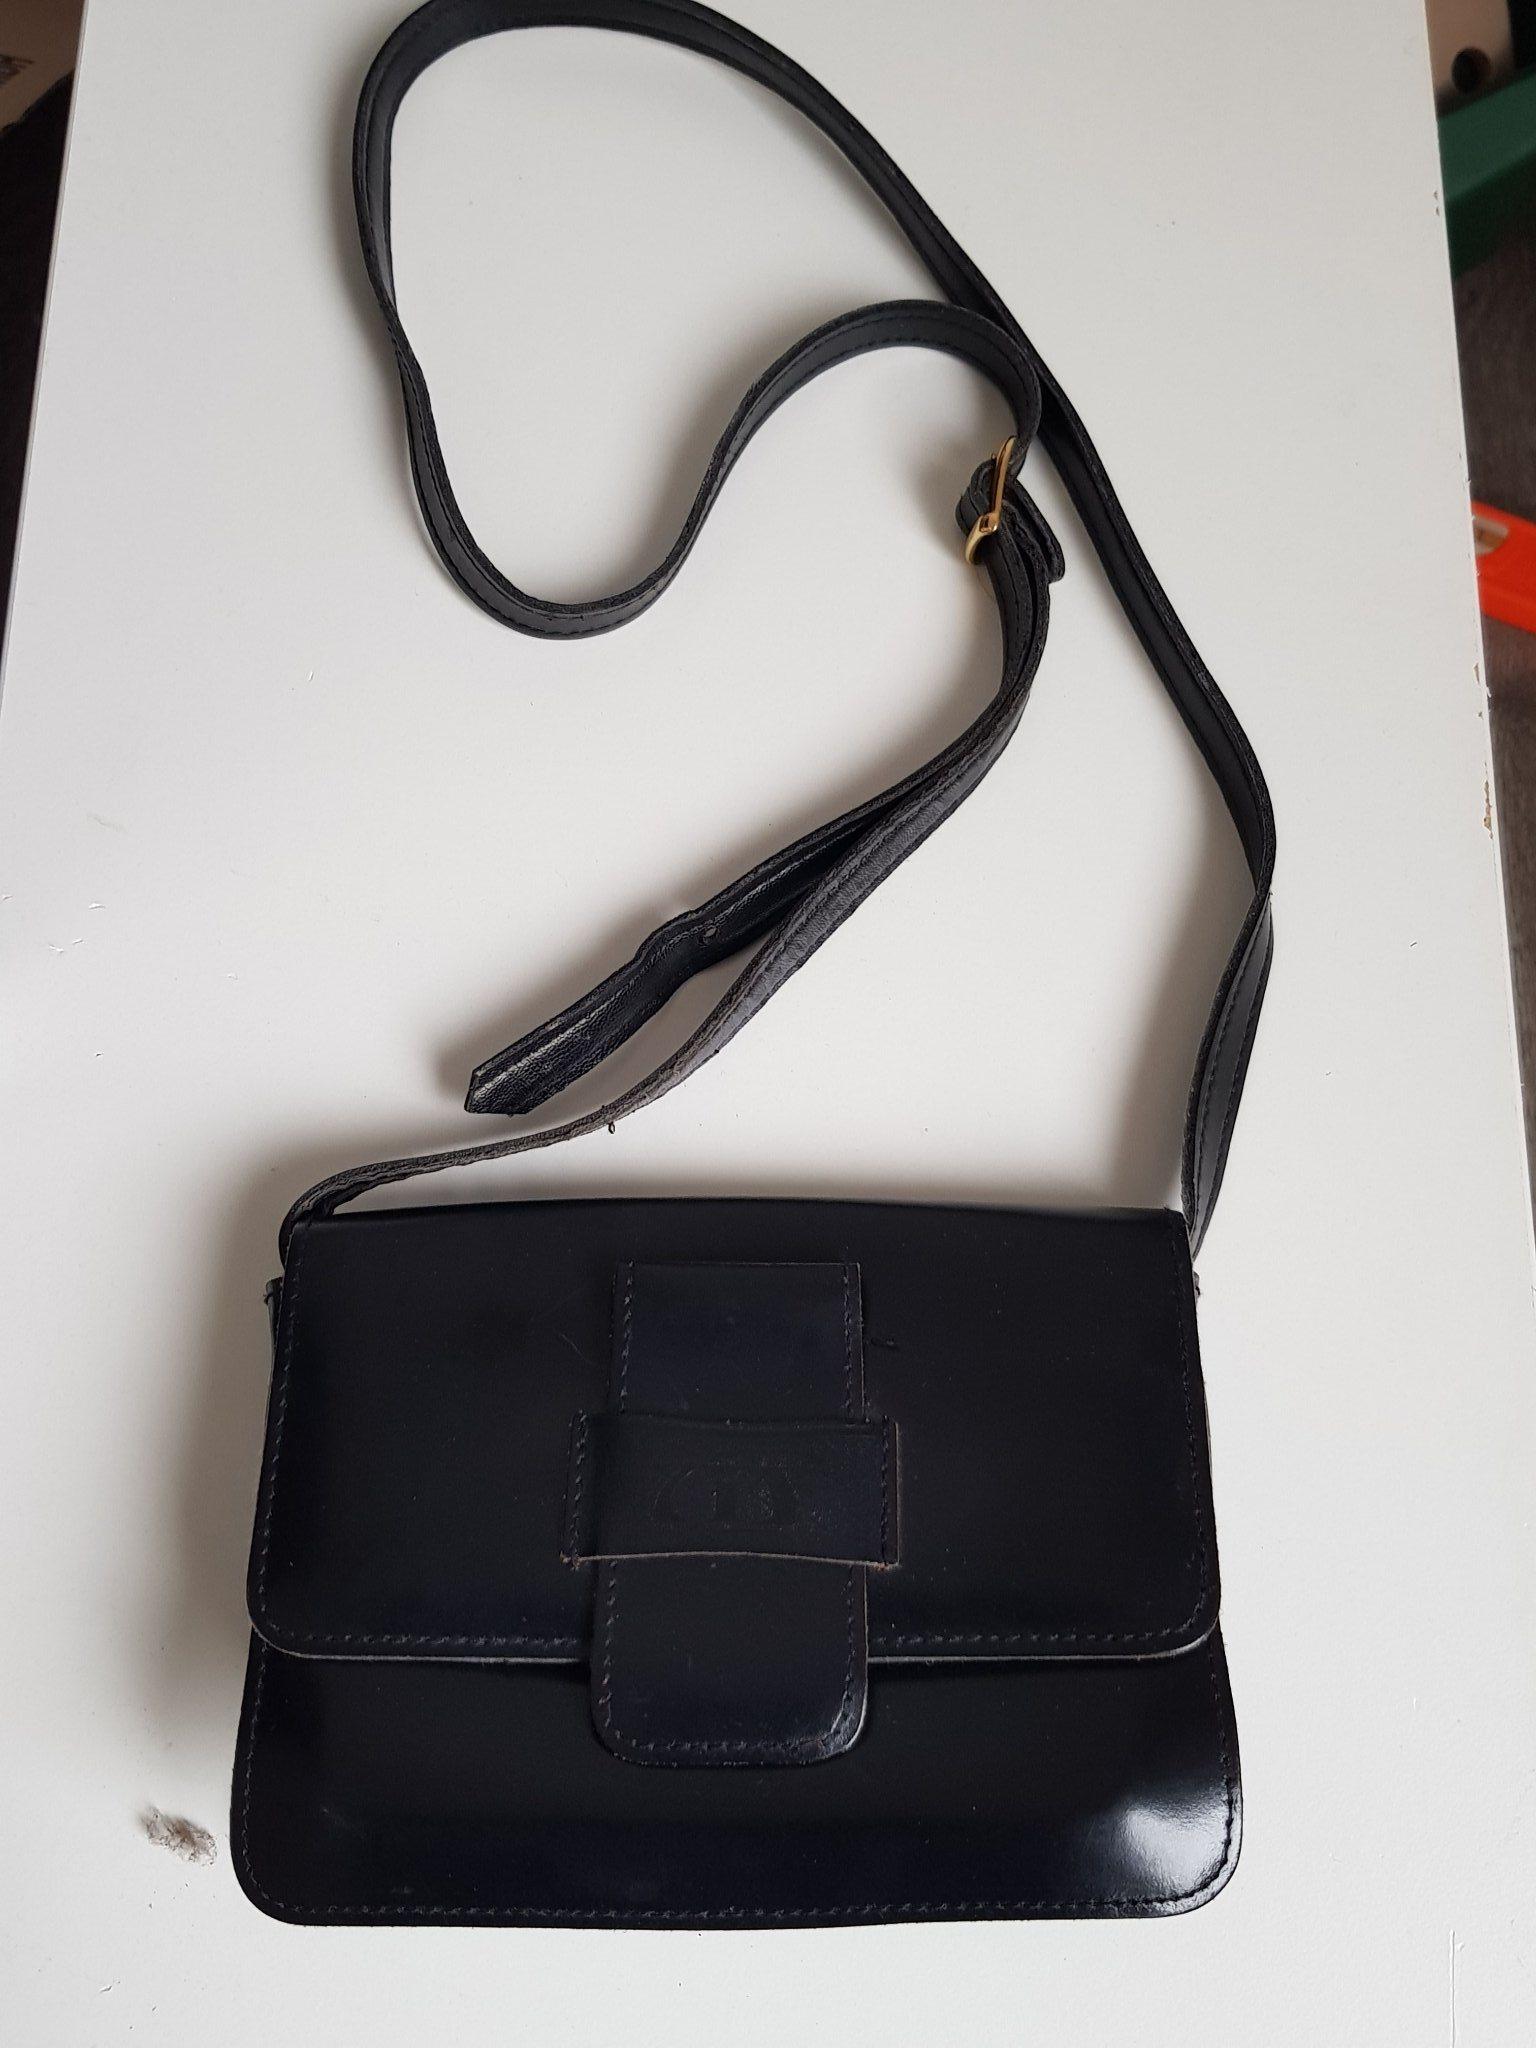 Mindre handväska (339867572) ᐈ Köp på Tradera 982adb2e9321c